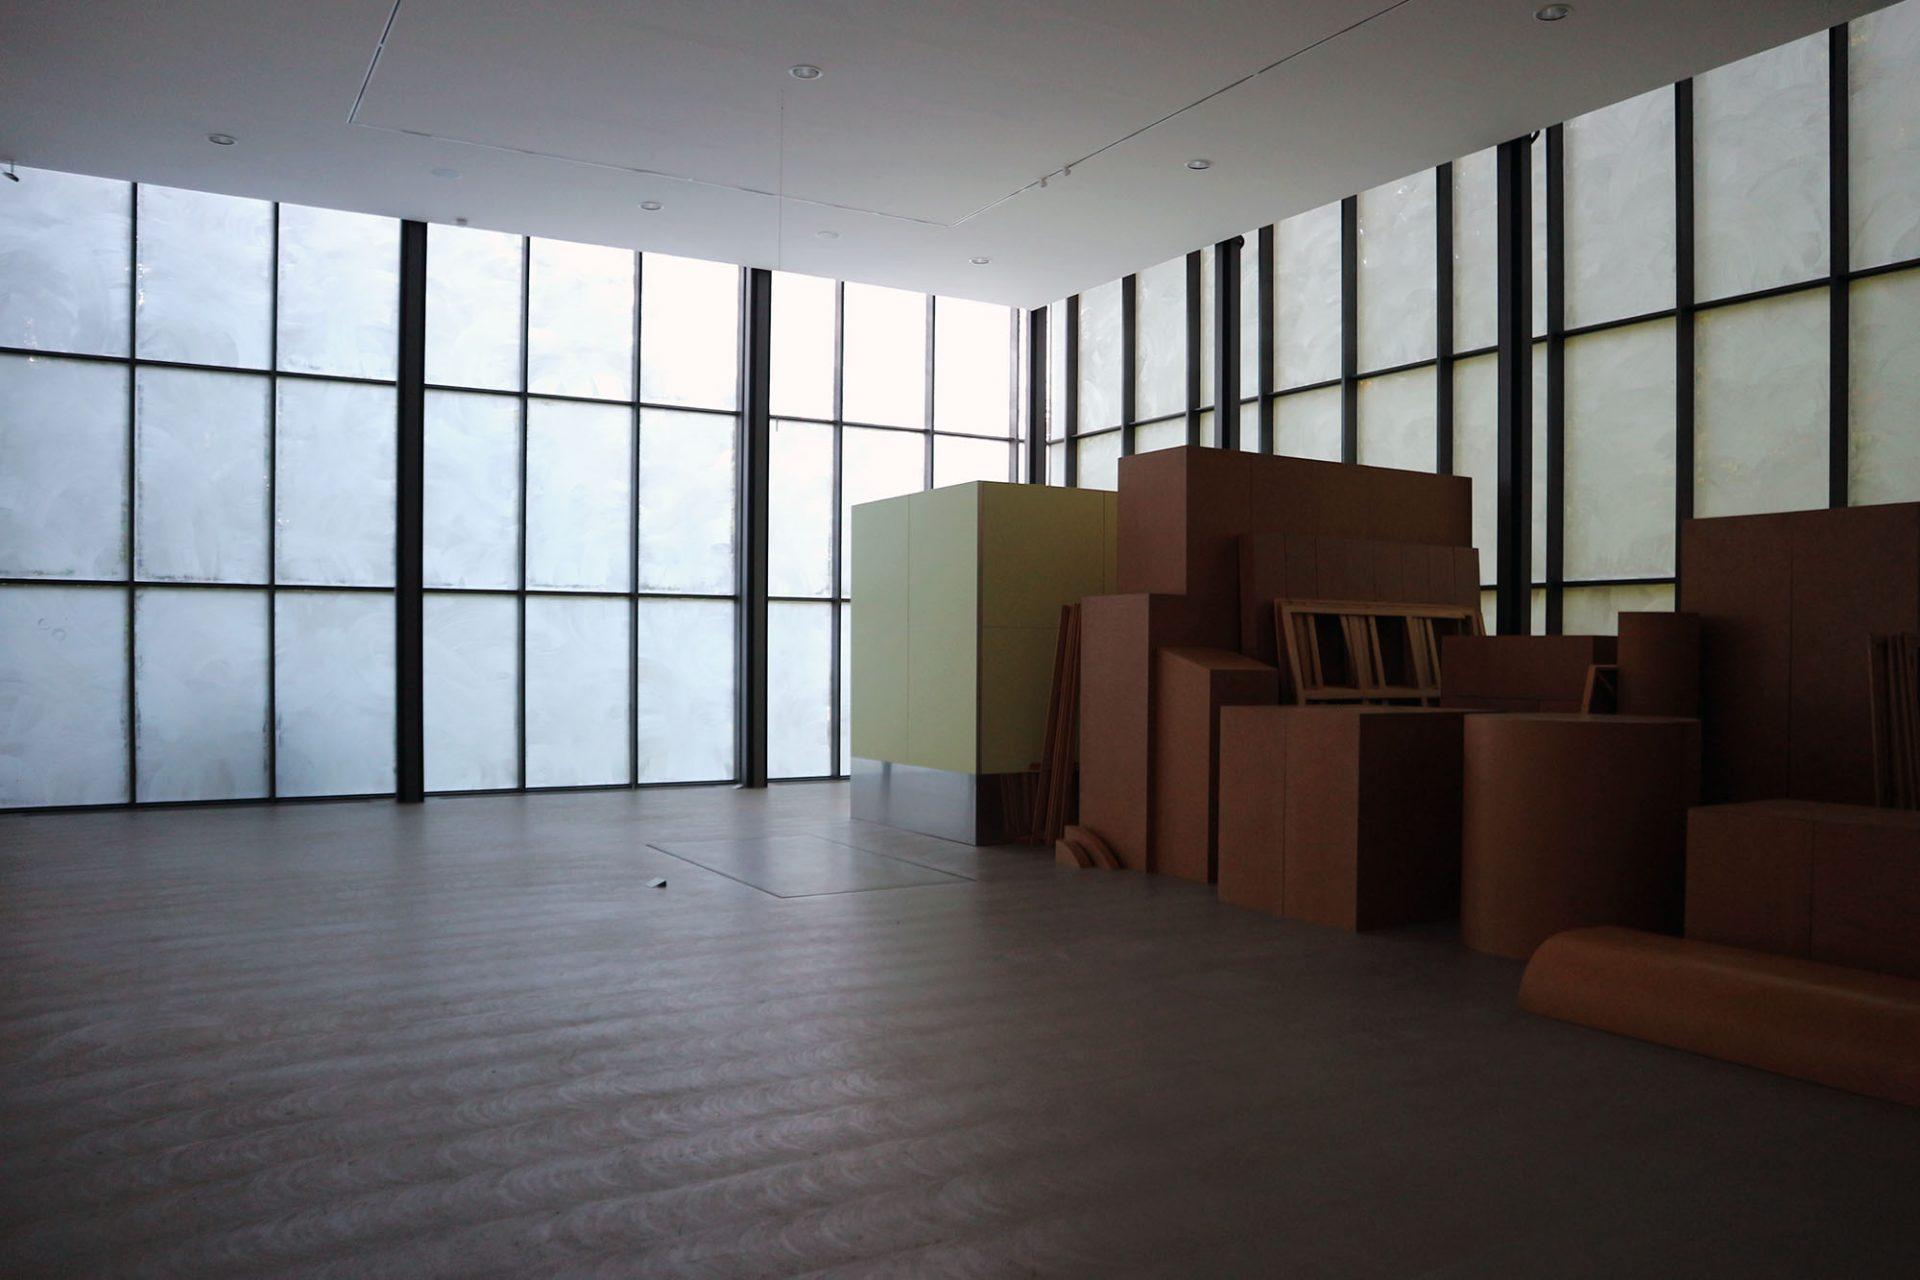 Skultpturenpark Waldfrieden. Ausstellungshalle mit Imi Knoebel